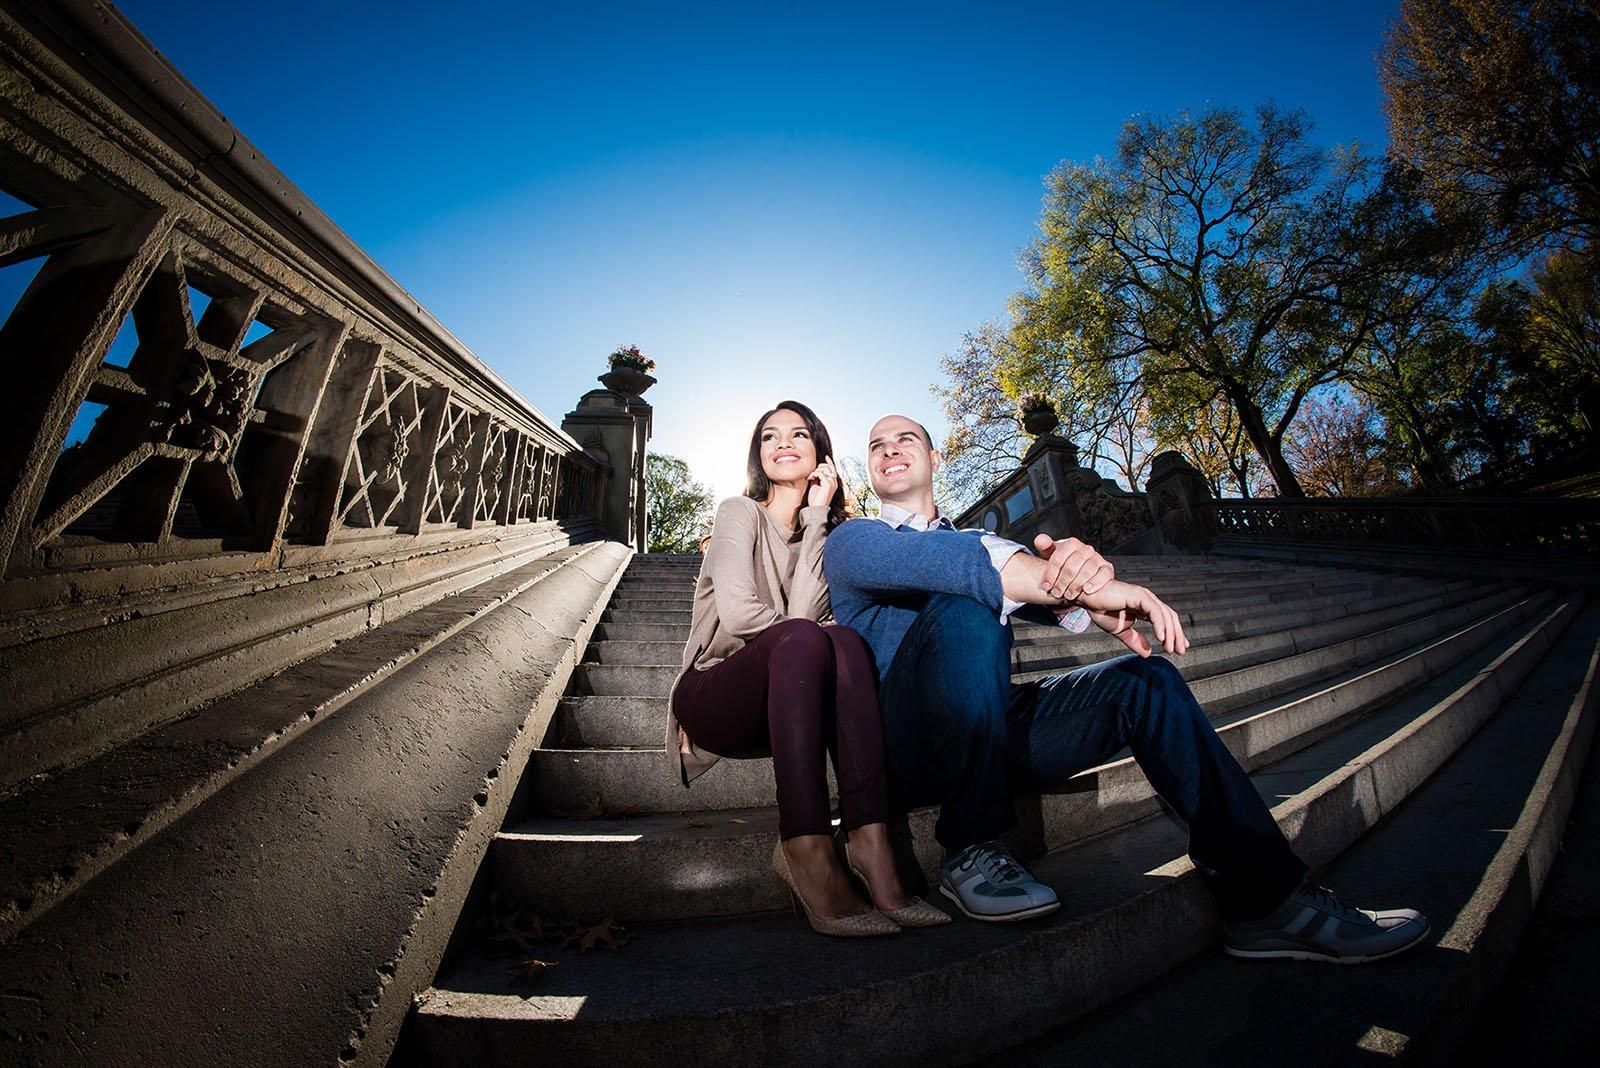 Central-Park-Engagement-Photographer ENGAGEMENTS